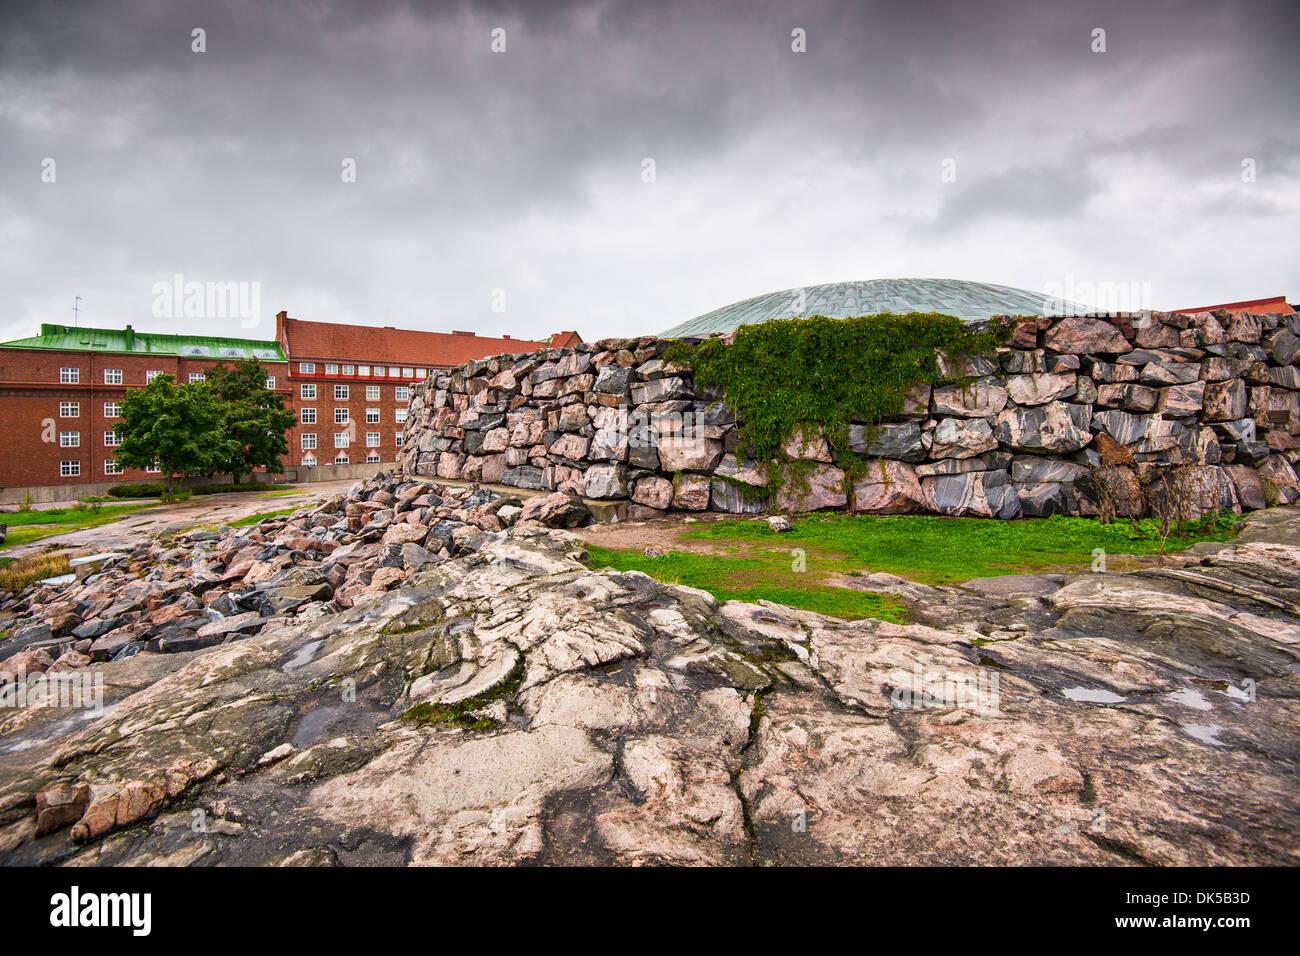 Dans l'église Temppeliaukio Helsinki, Finlande. L'intérieur a été creusé et construit directement sur la roche solide. Photo Stock